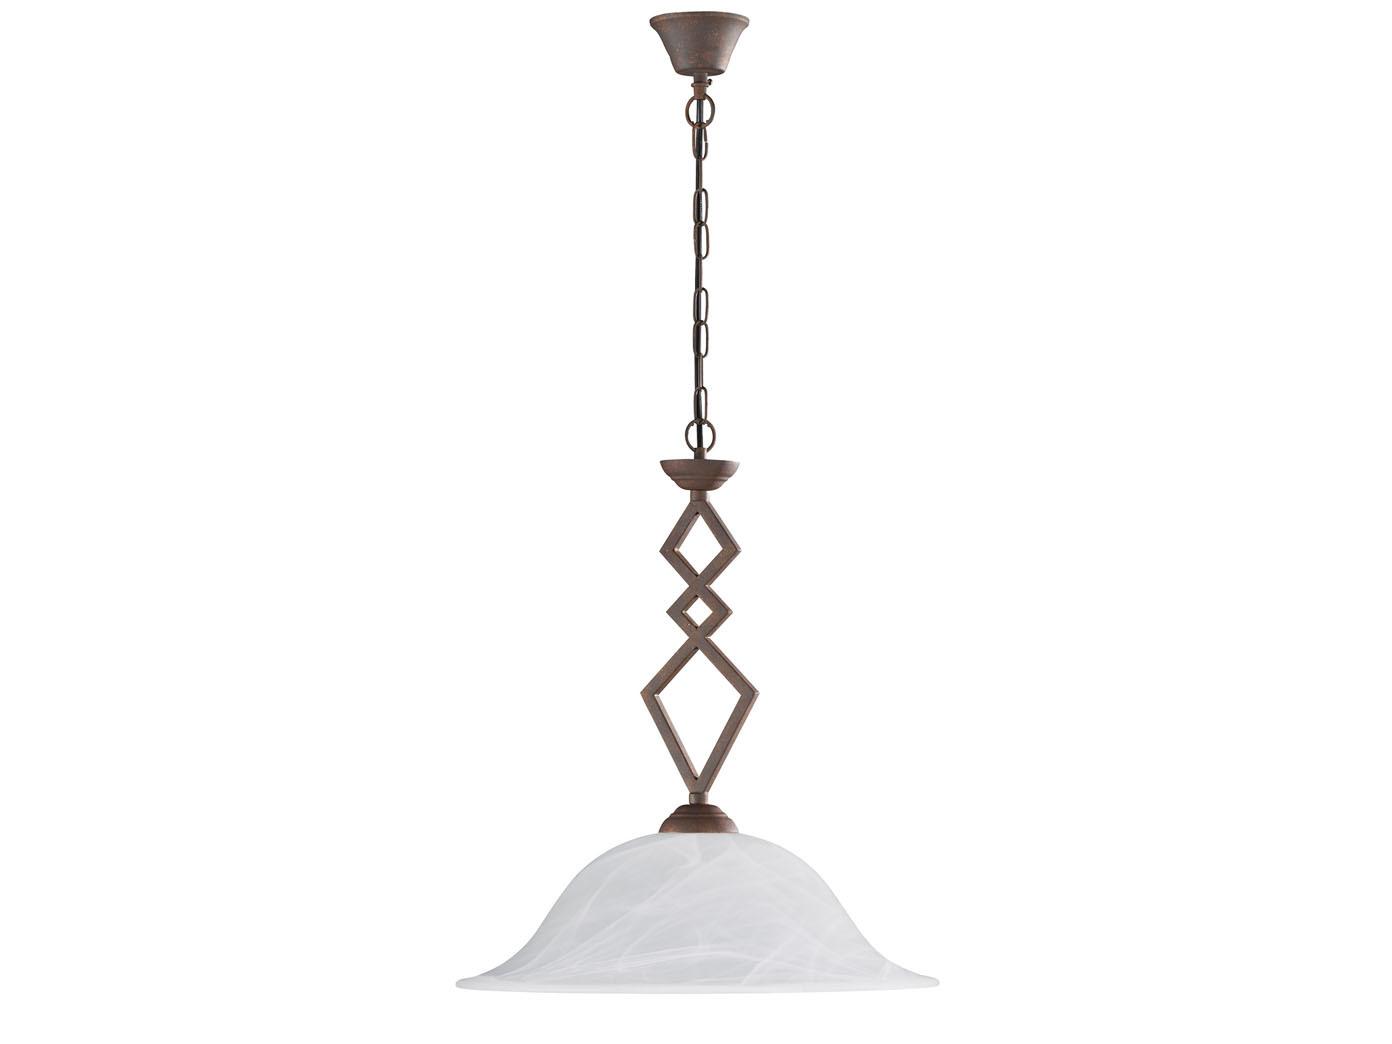 Full Size of Decken Hngelampen Lampen Leuchten Hngelampe Deckenleuchte Küche Mit Tresen Tapete Ikea Miniküche Fettabscheider Winkel Wohnzimmer Landhausstil Schlafzimmer Wohnzimmer Landhaus Küche Lampe